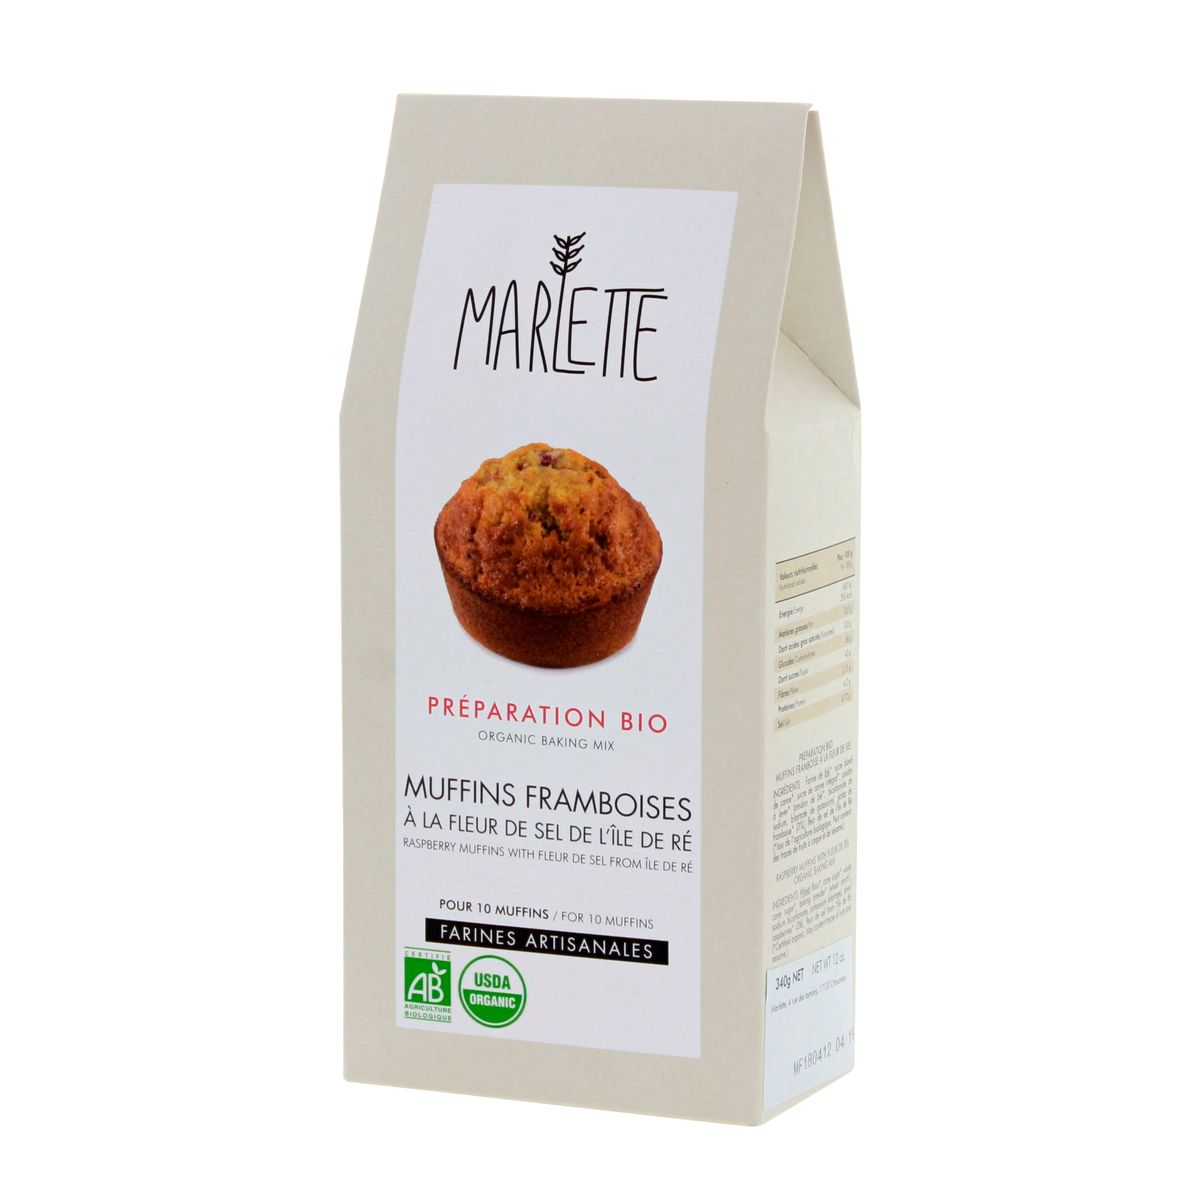 Préparation bio pour muffins framboises à la fleur de sel 340gr - Marlette